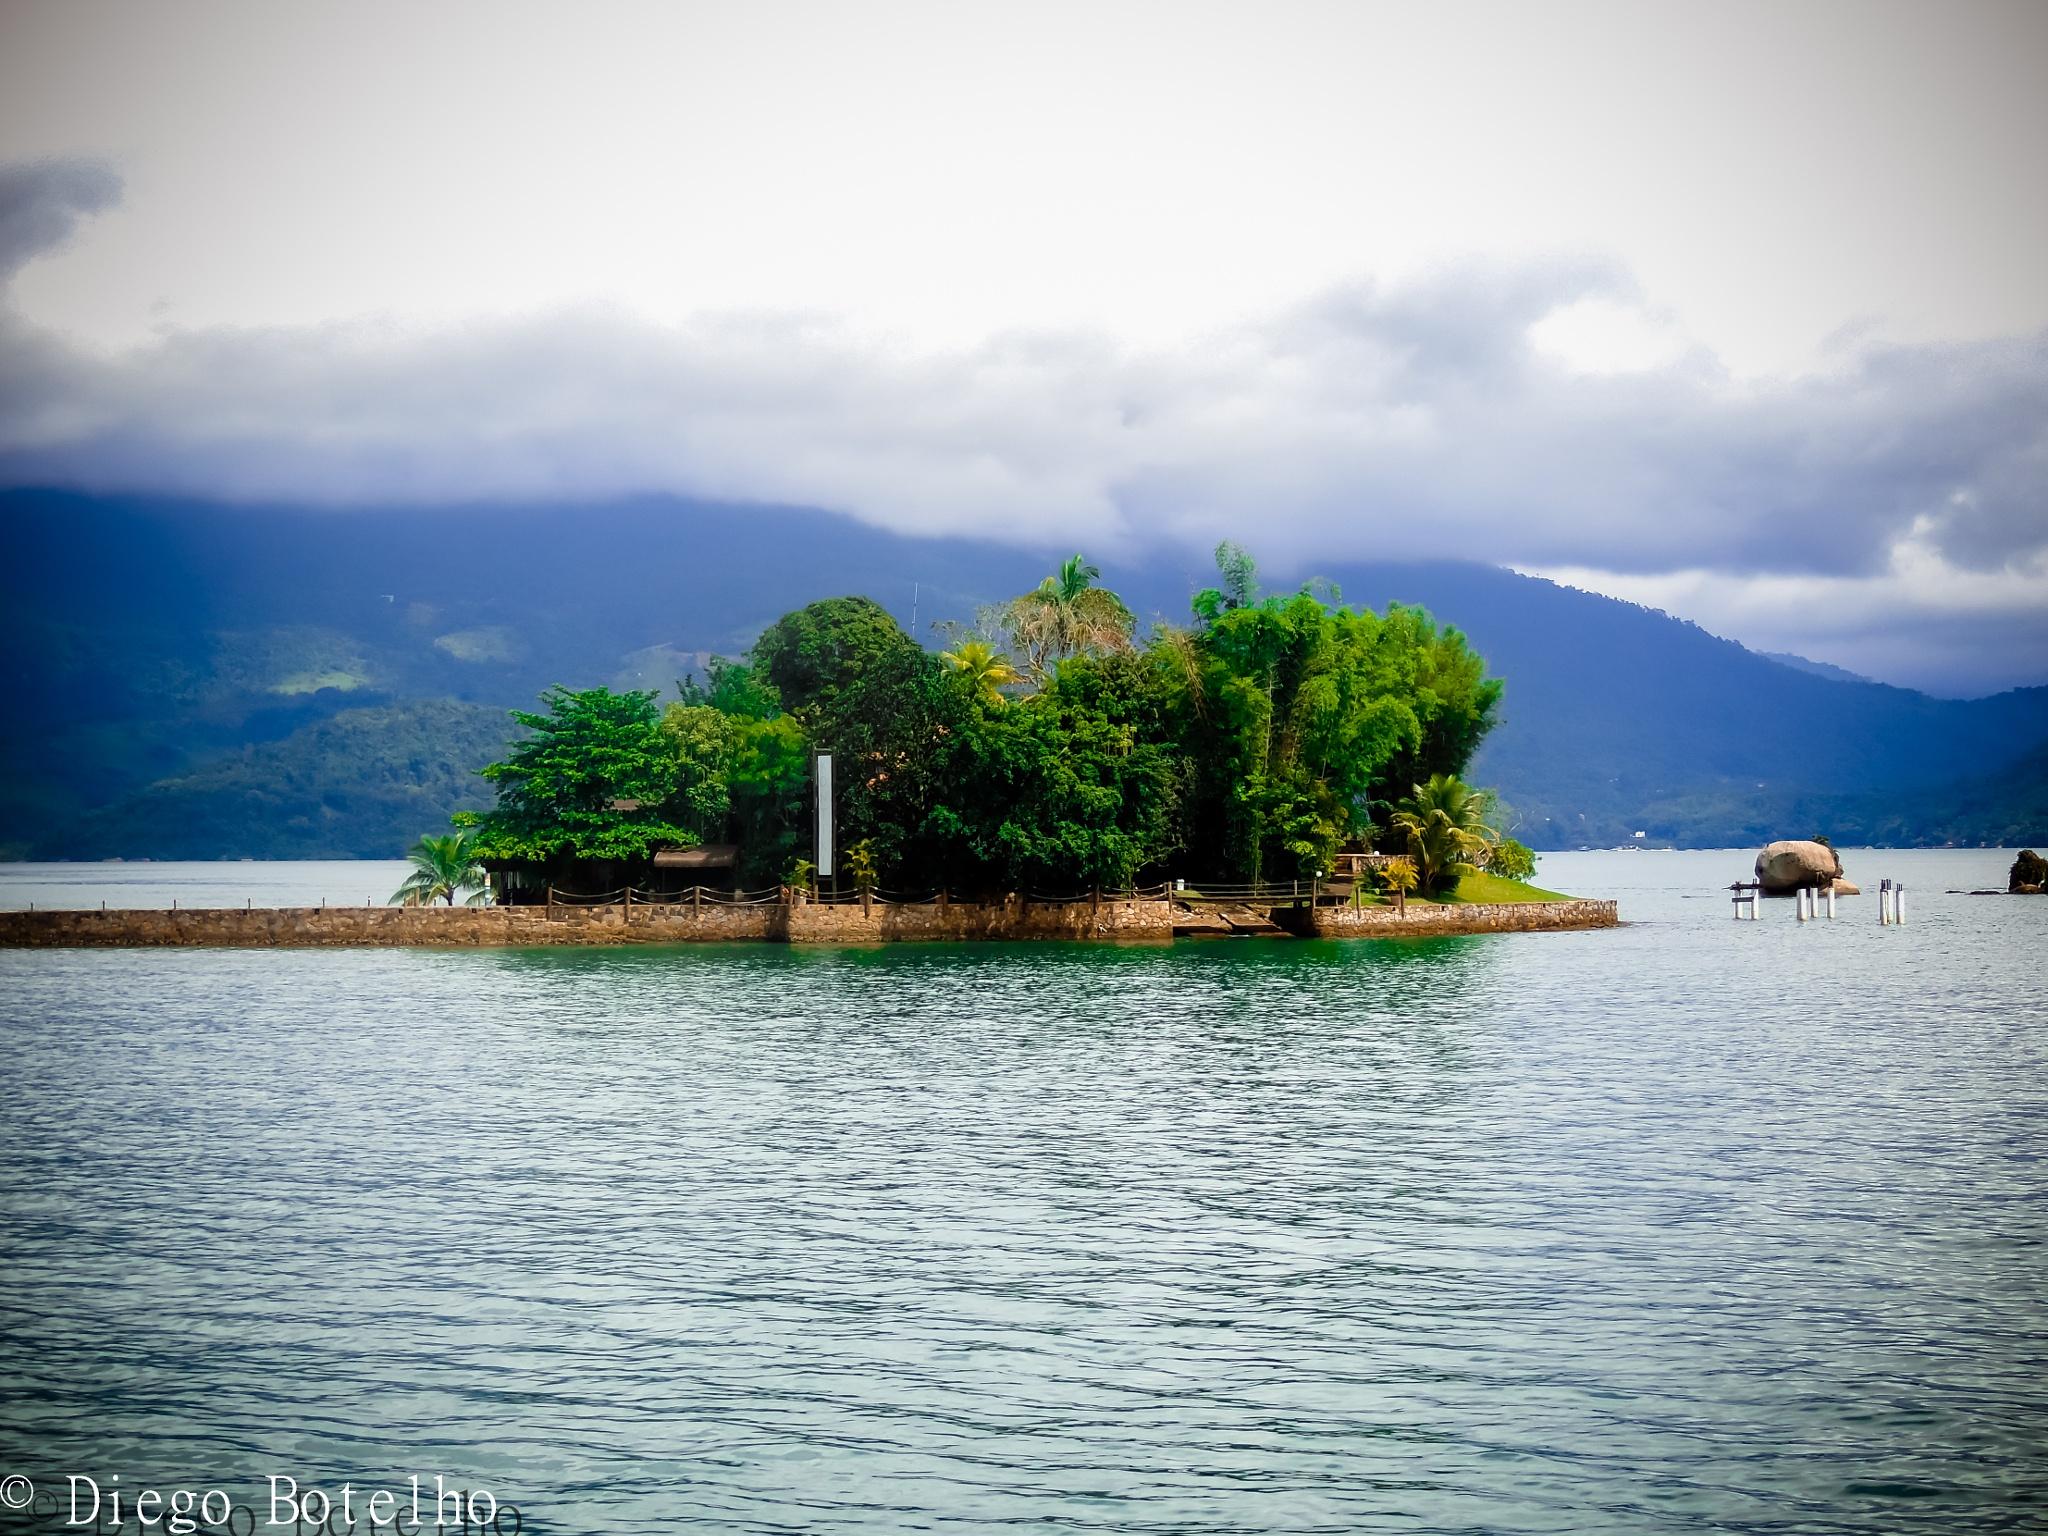 Ilhas de Paraty by Diego Botelho